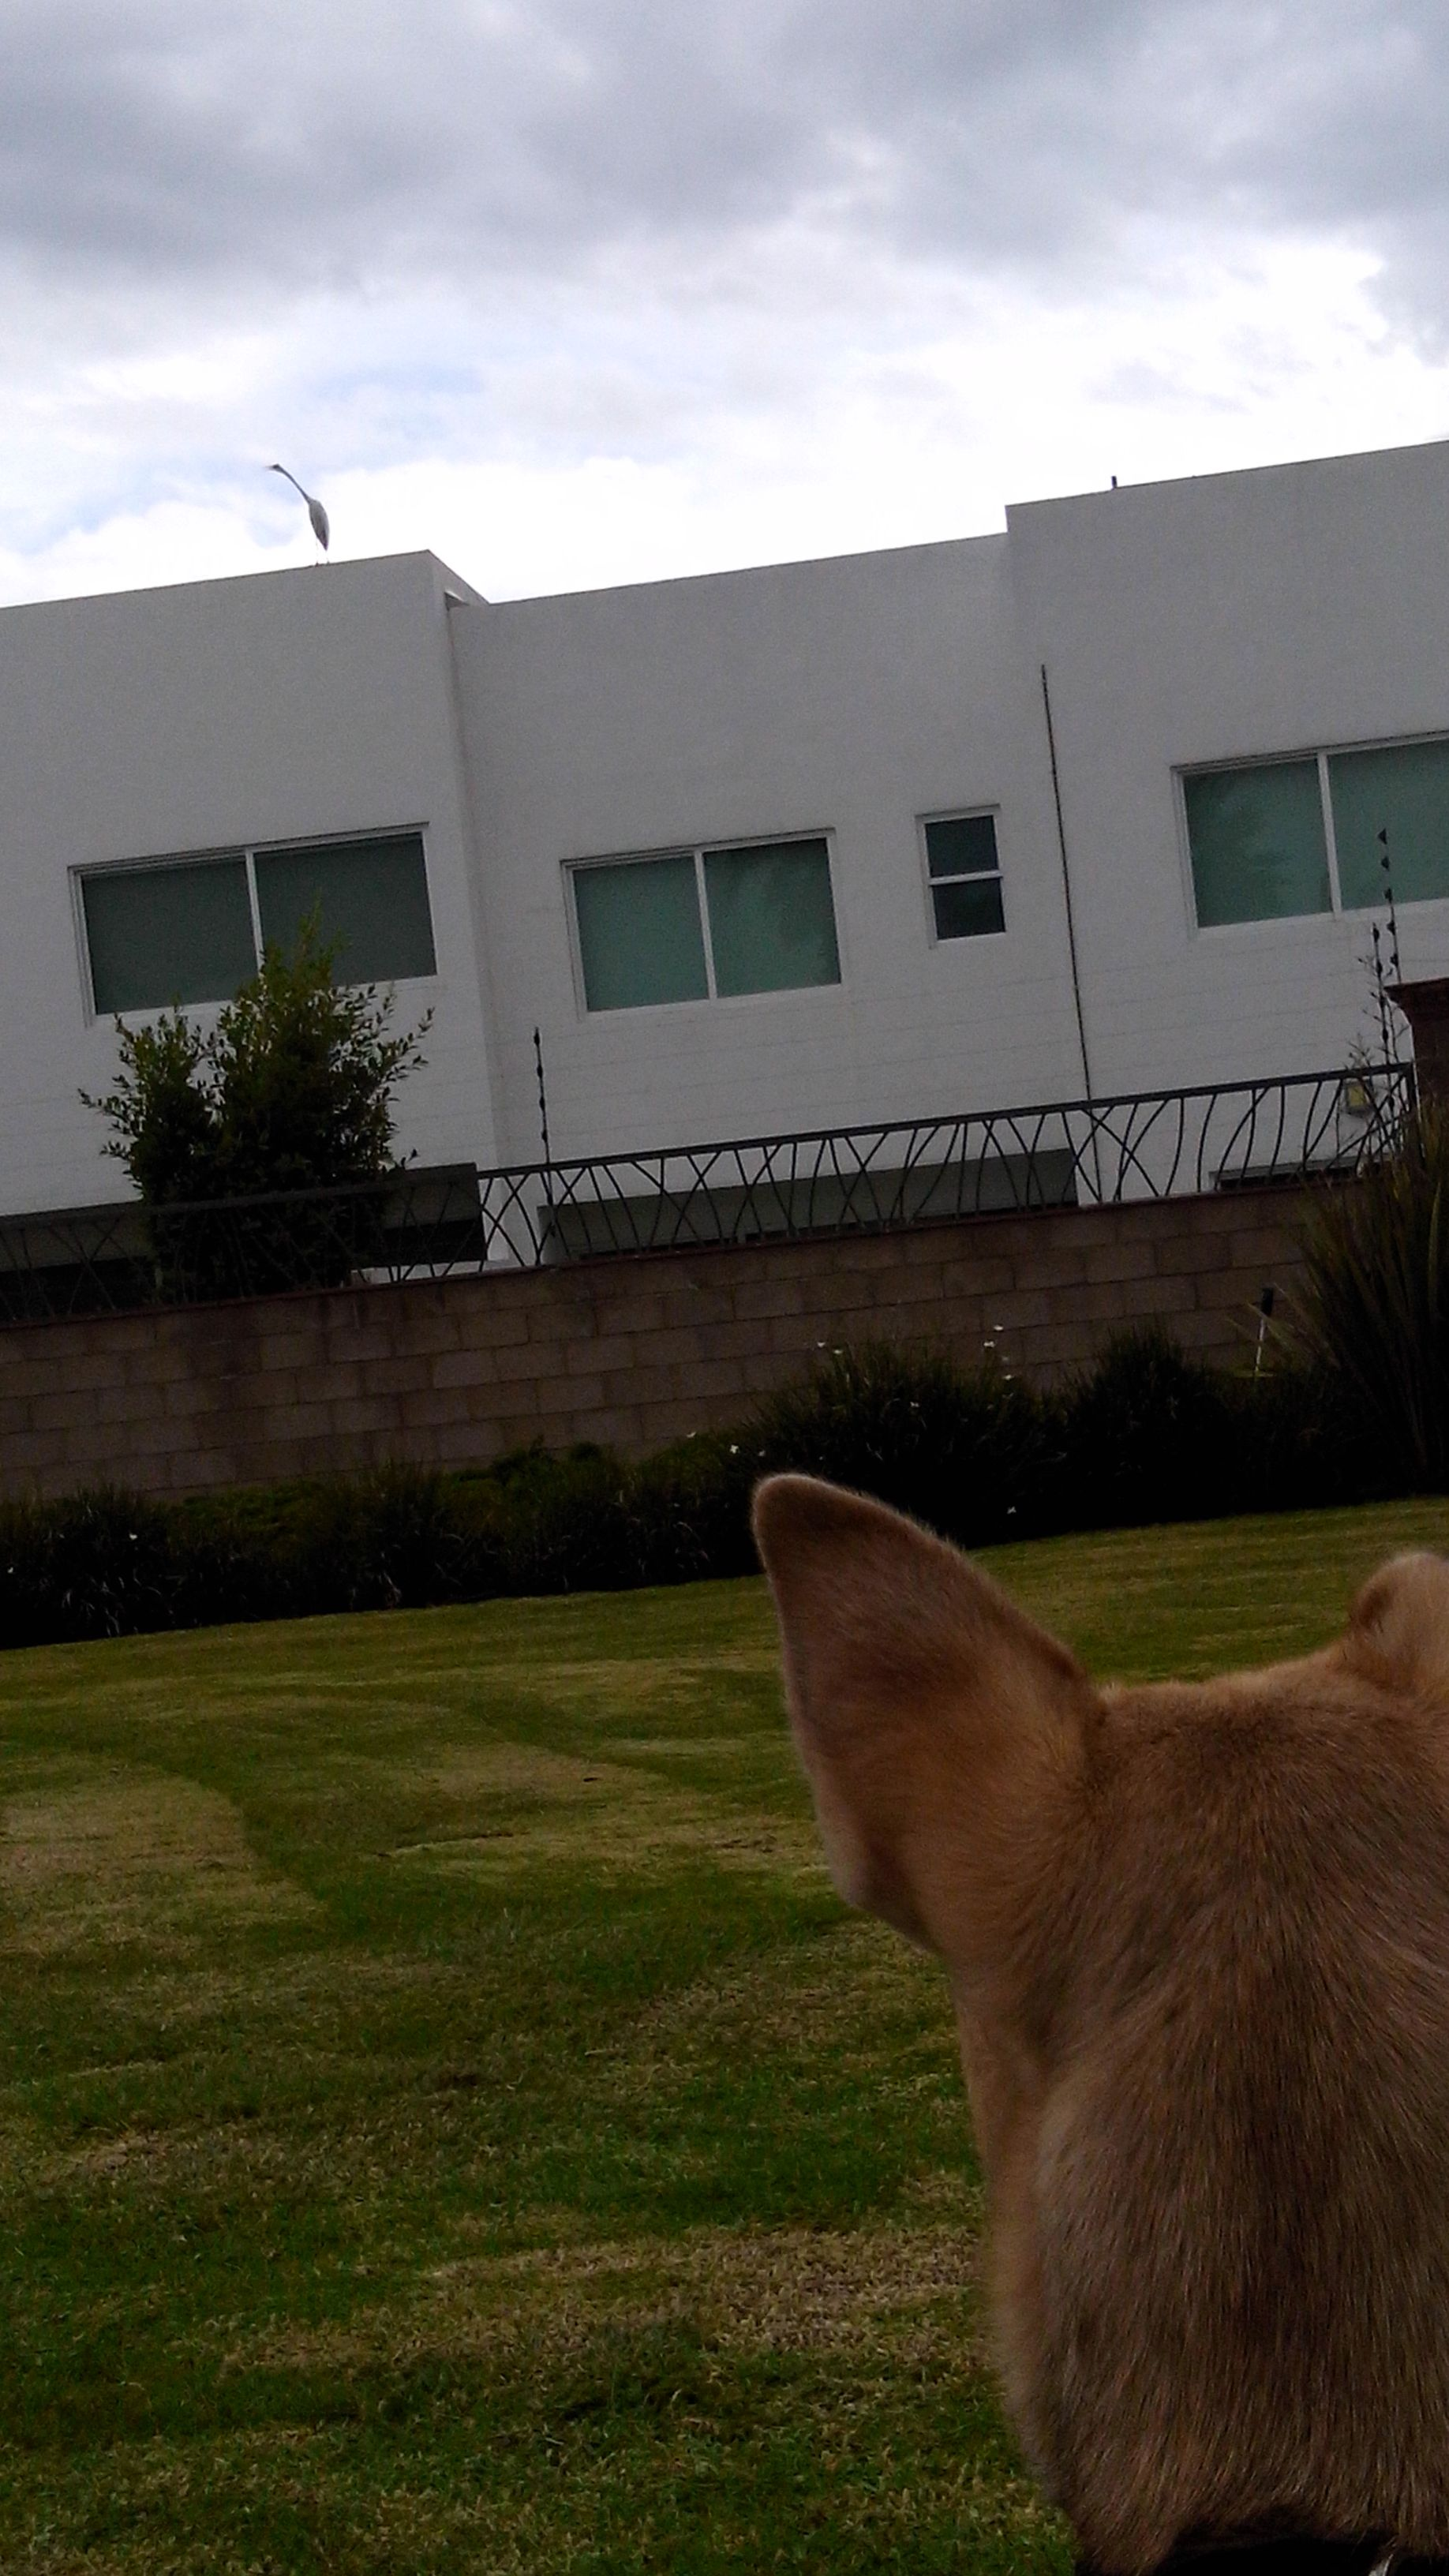 Habt Ihr Sowas Schon Gesehen Ein Riesiger Vogel Sitzt Einfach Auf Dem Dach Und Ruft Mir Was Zu Als Aufmerksamer Hund Muss Man Da Naturlich Zuhoren Lan Hunde